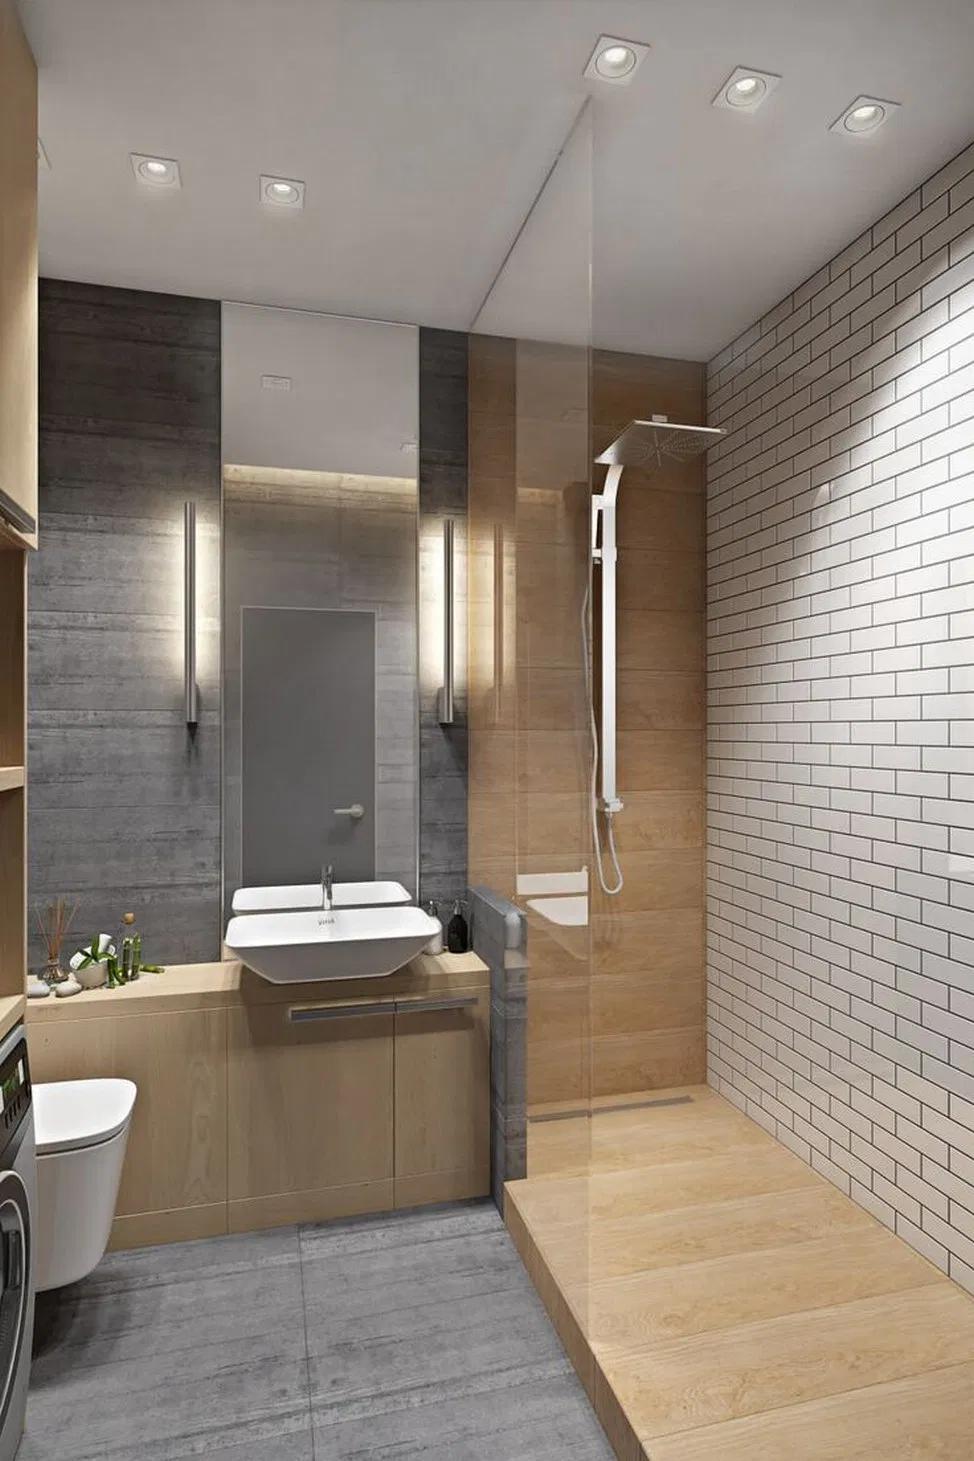 Photo of 24 schlechte innenarchitektur 14 | megasiana.com #bathroomid